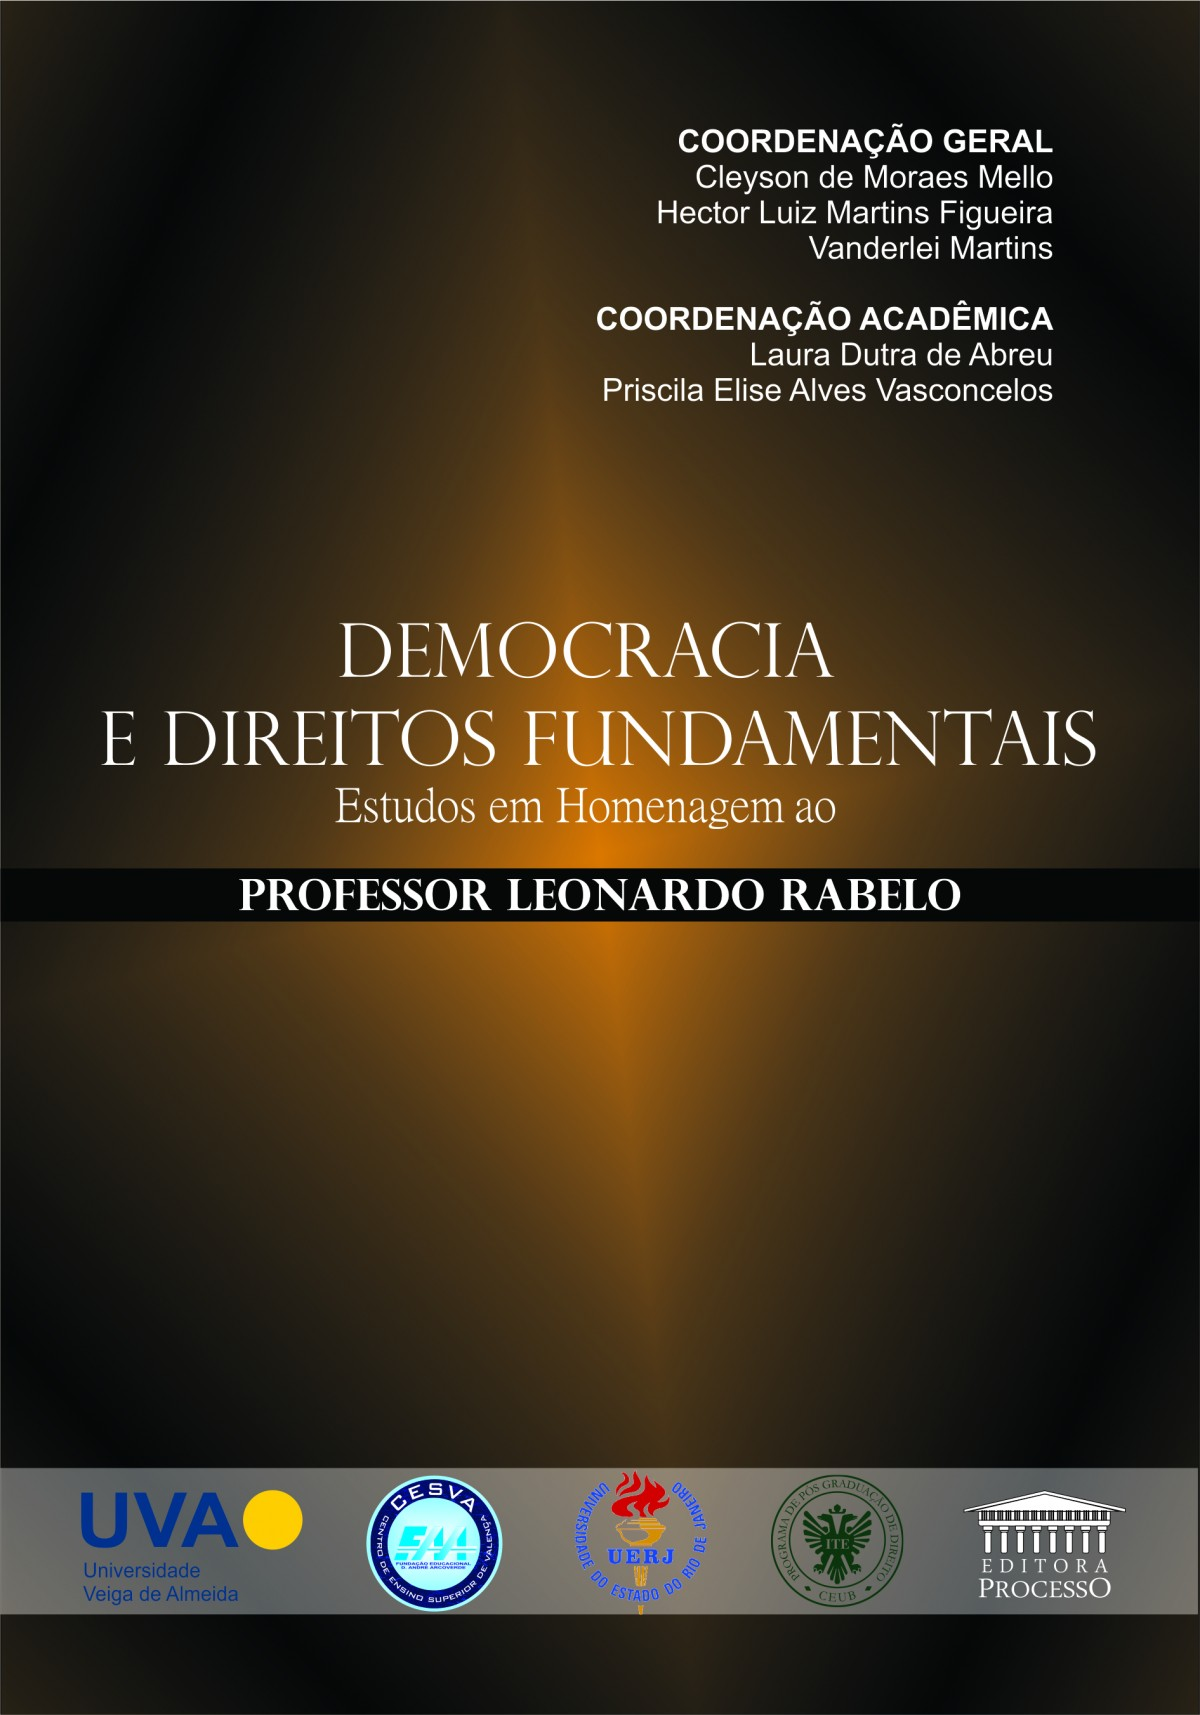 Foto 1 - Democracia e Direitos Fundamentais - Estudos em Homenagem ao Professor Leonardo Rabelo